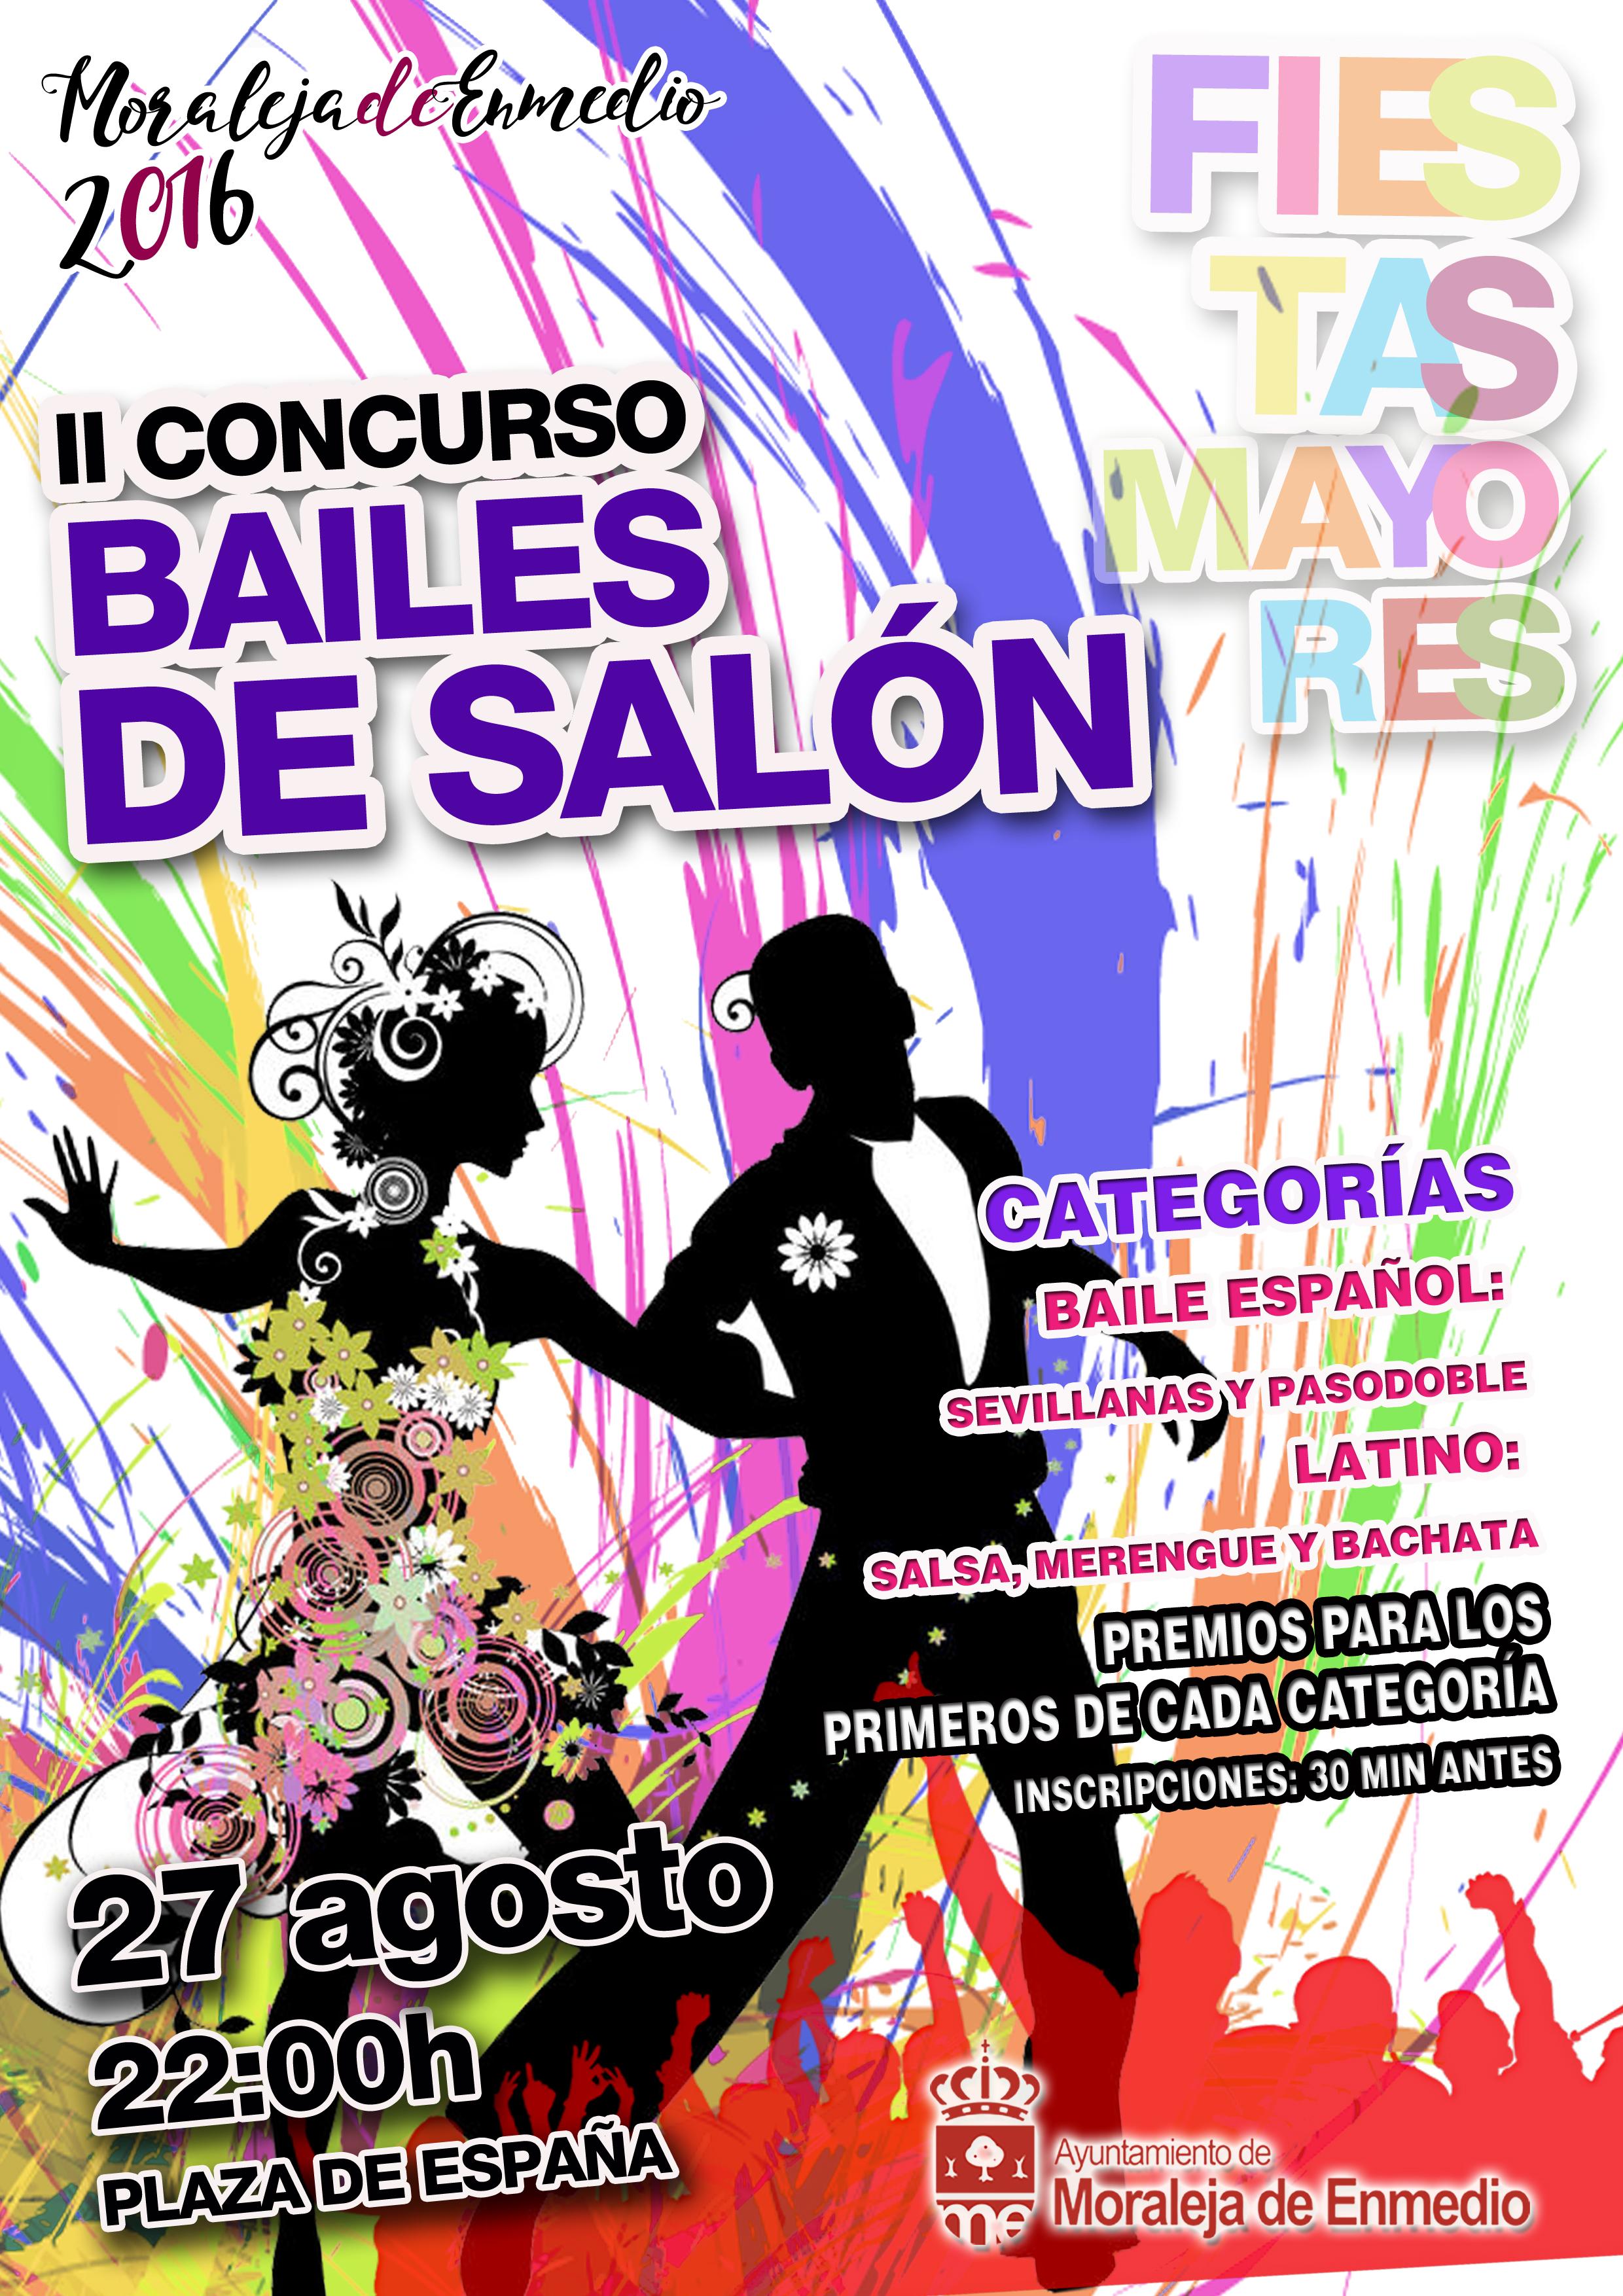 II Concurso de Bailes de Salón